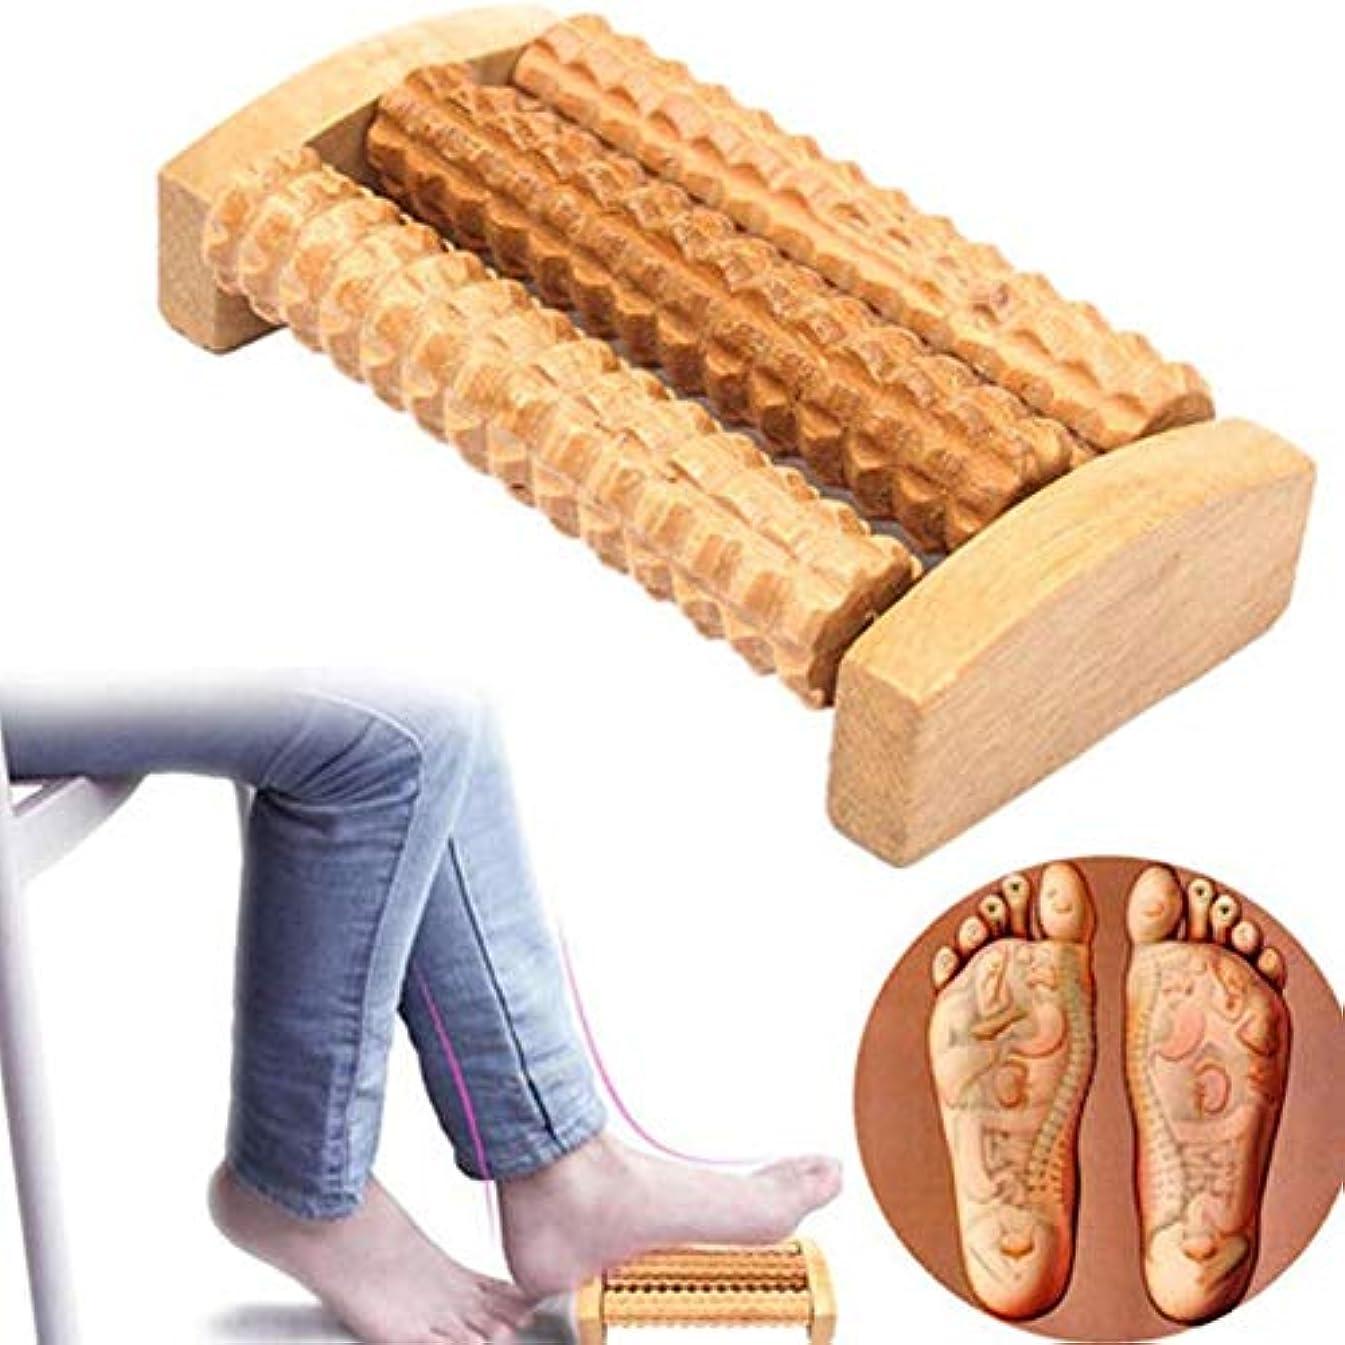 委員会王族膨らませる木製フットマッサージャー高品質木製 5 行応力除去治療リラックスマッサージローラー健康 足ケアマッサージツール